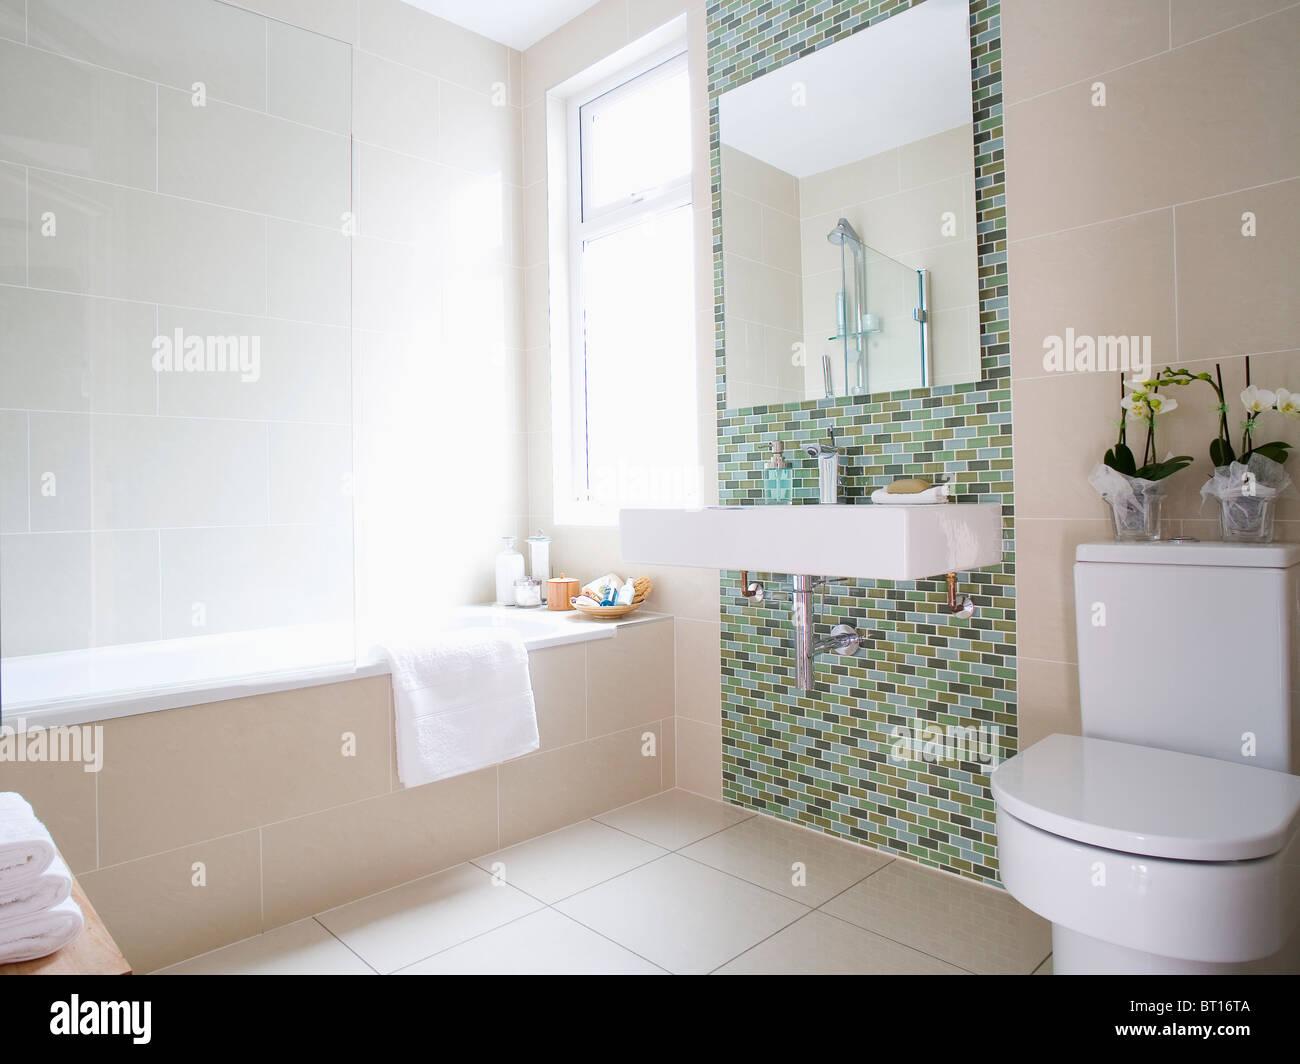 Rivestimento Bagno Mosaico Verde : Specchio e bianco grande bacino rettangolare sul verde a mosaico